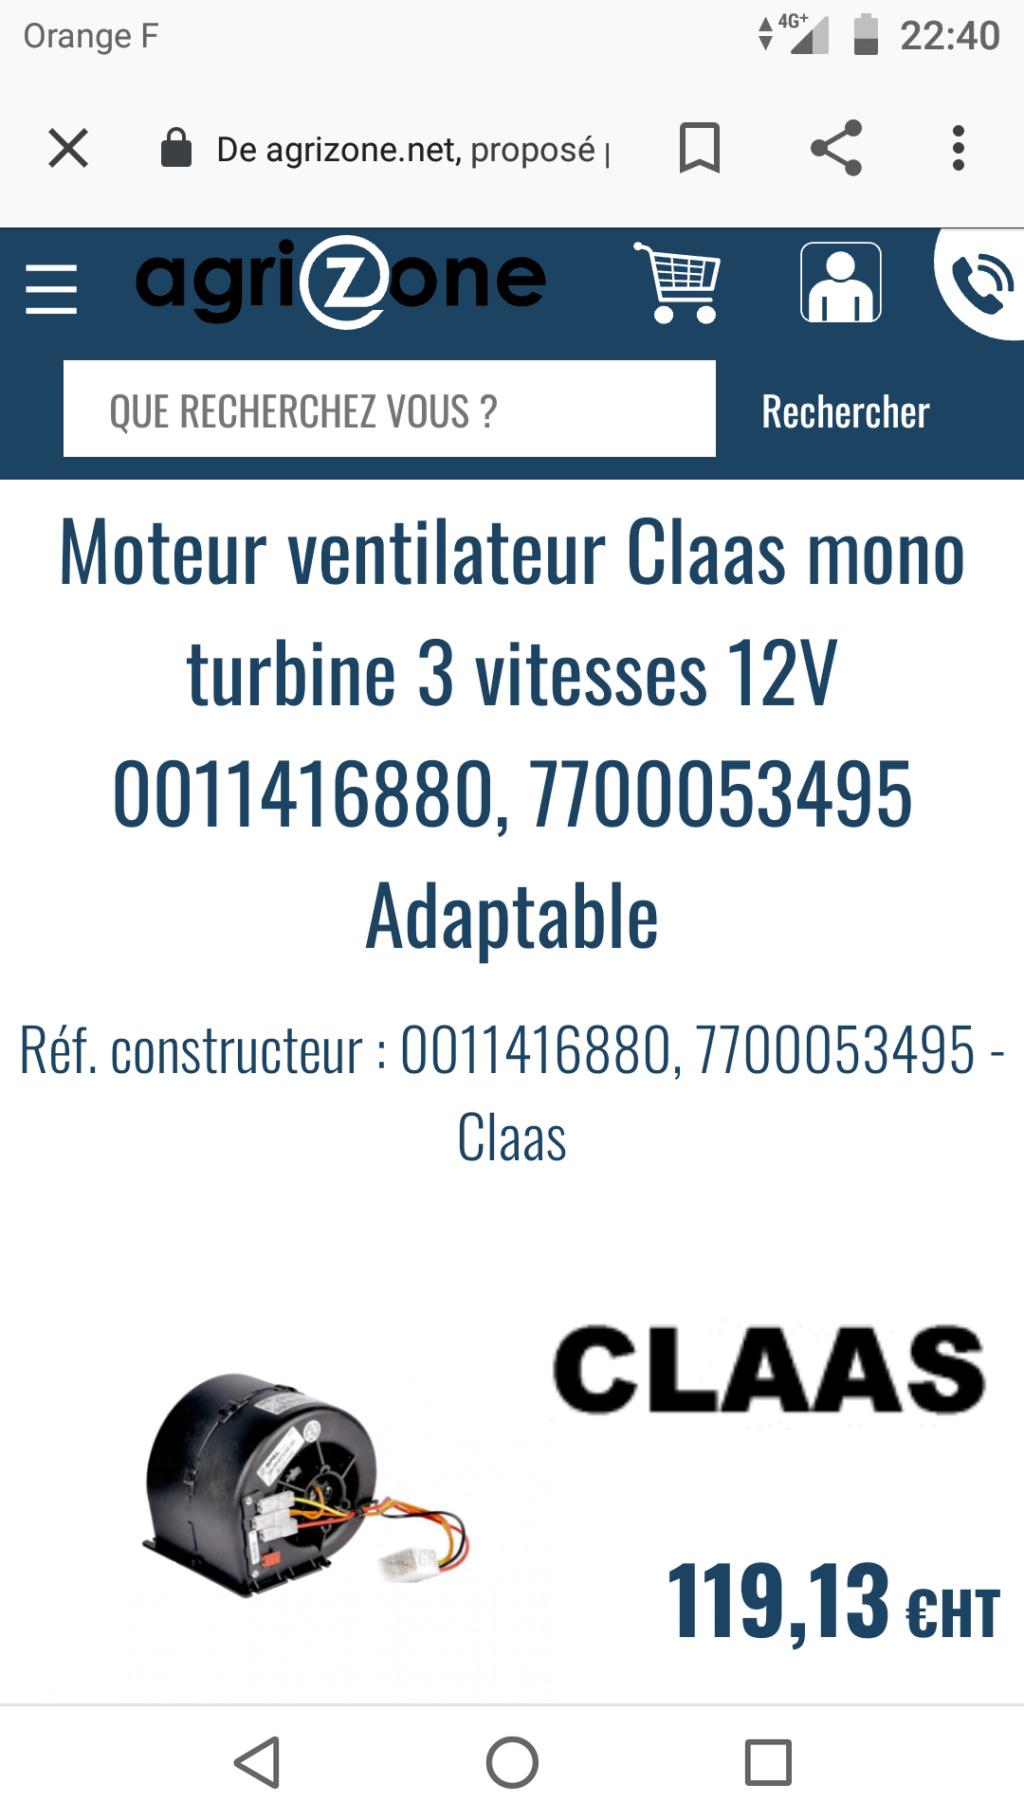 Soucis de ventilation en cabine Renault Arès 640 RZ Screen48